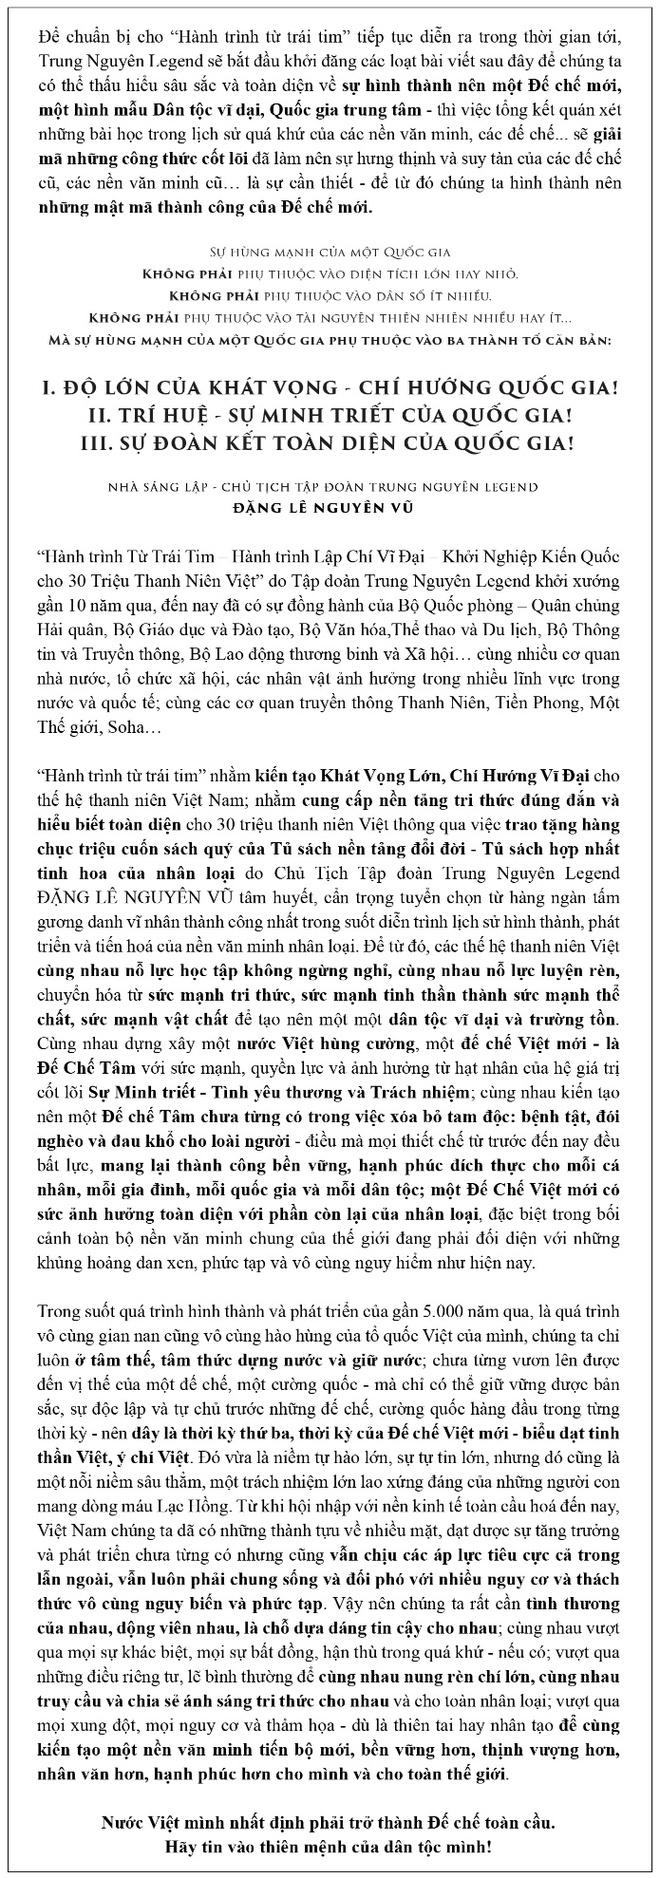 Thập Nhị Binh Thư - Binh thư số 8: Tố Thư - Ảnh 1.